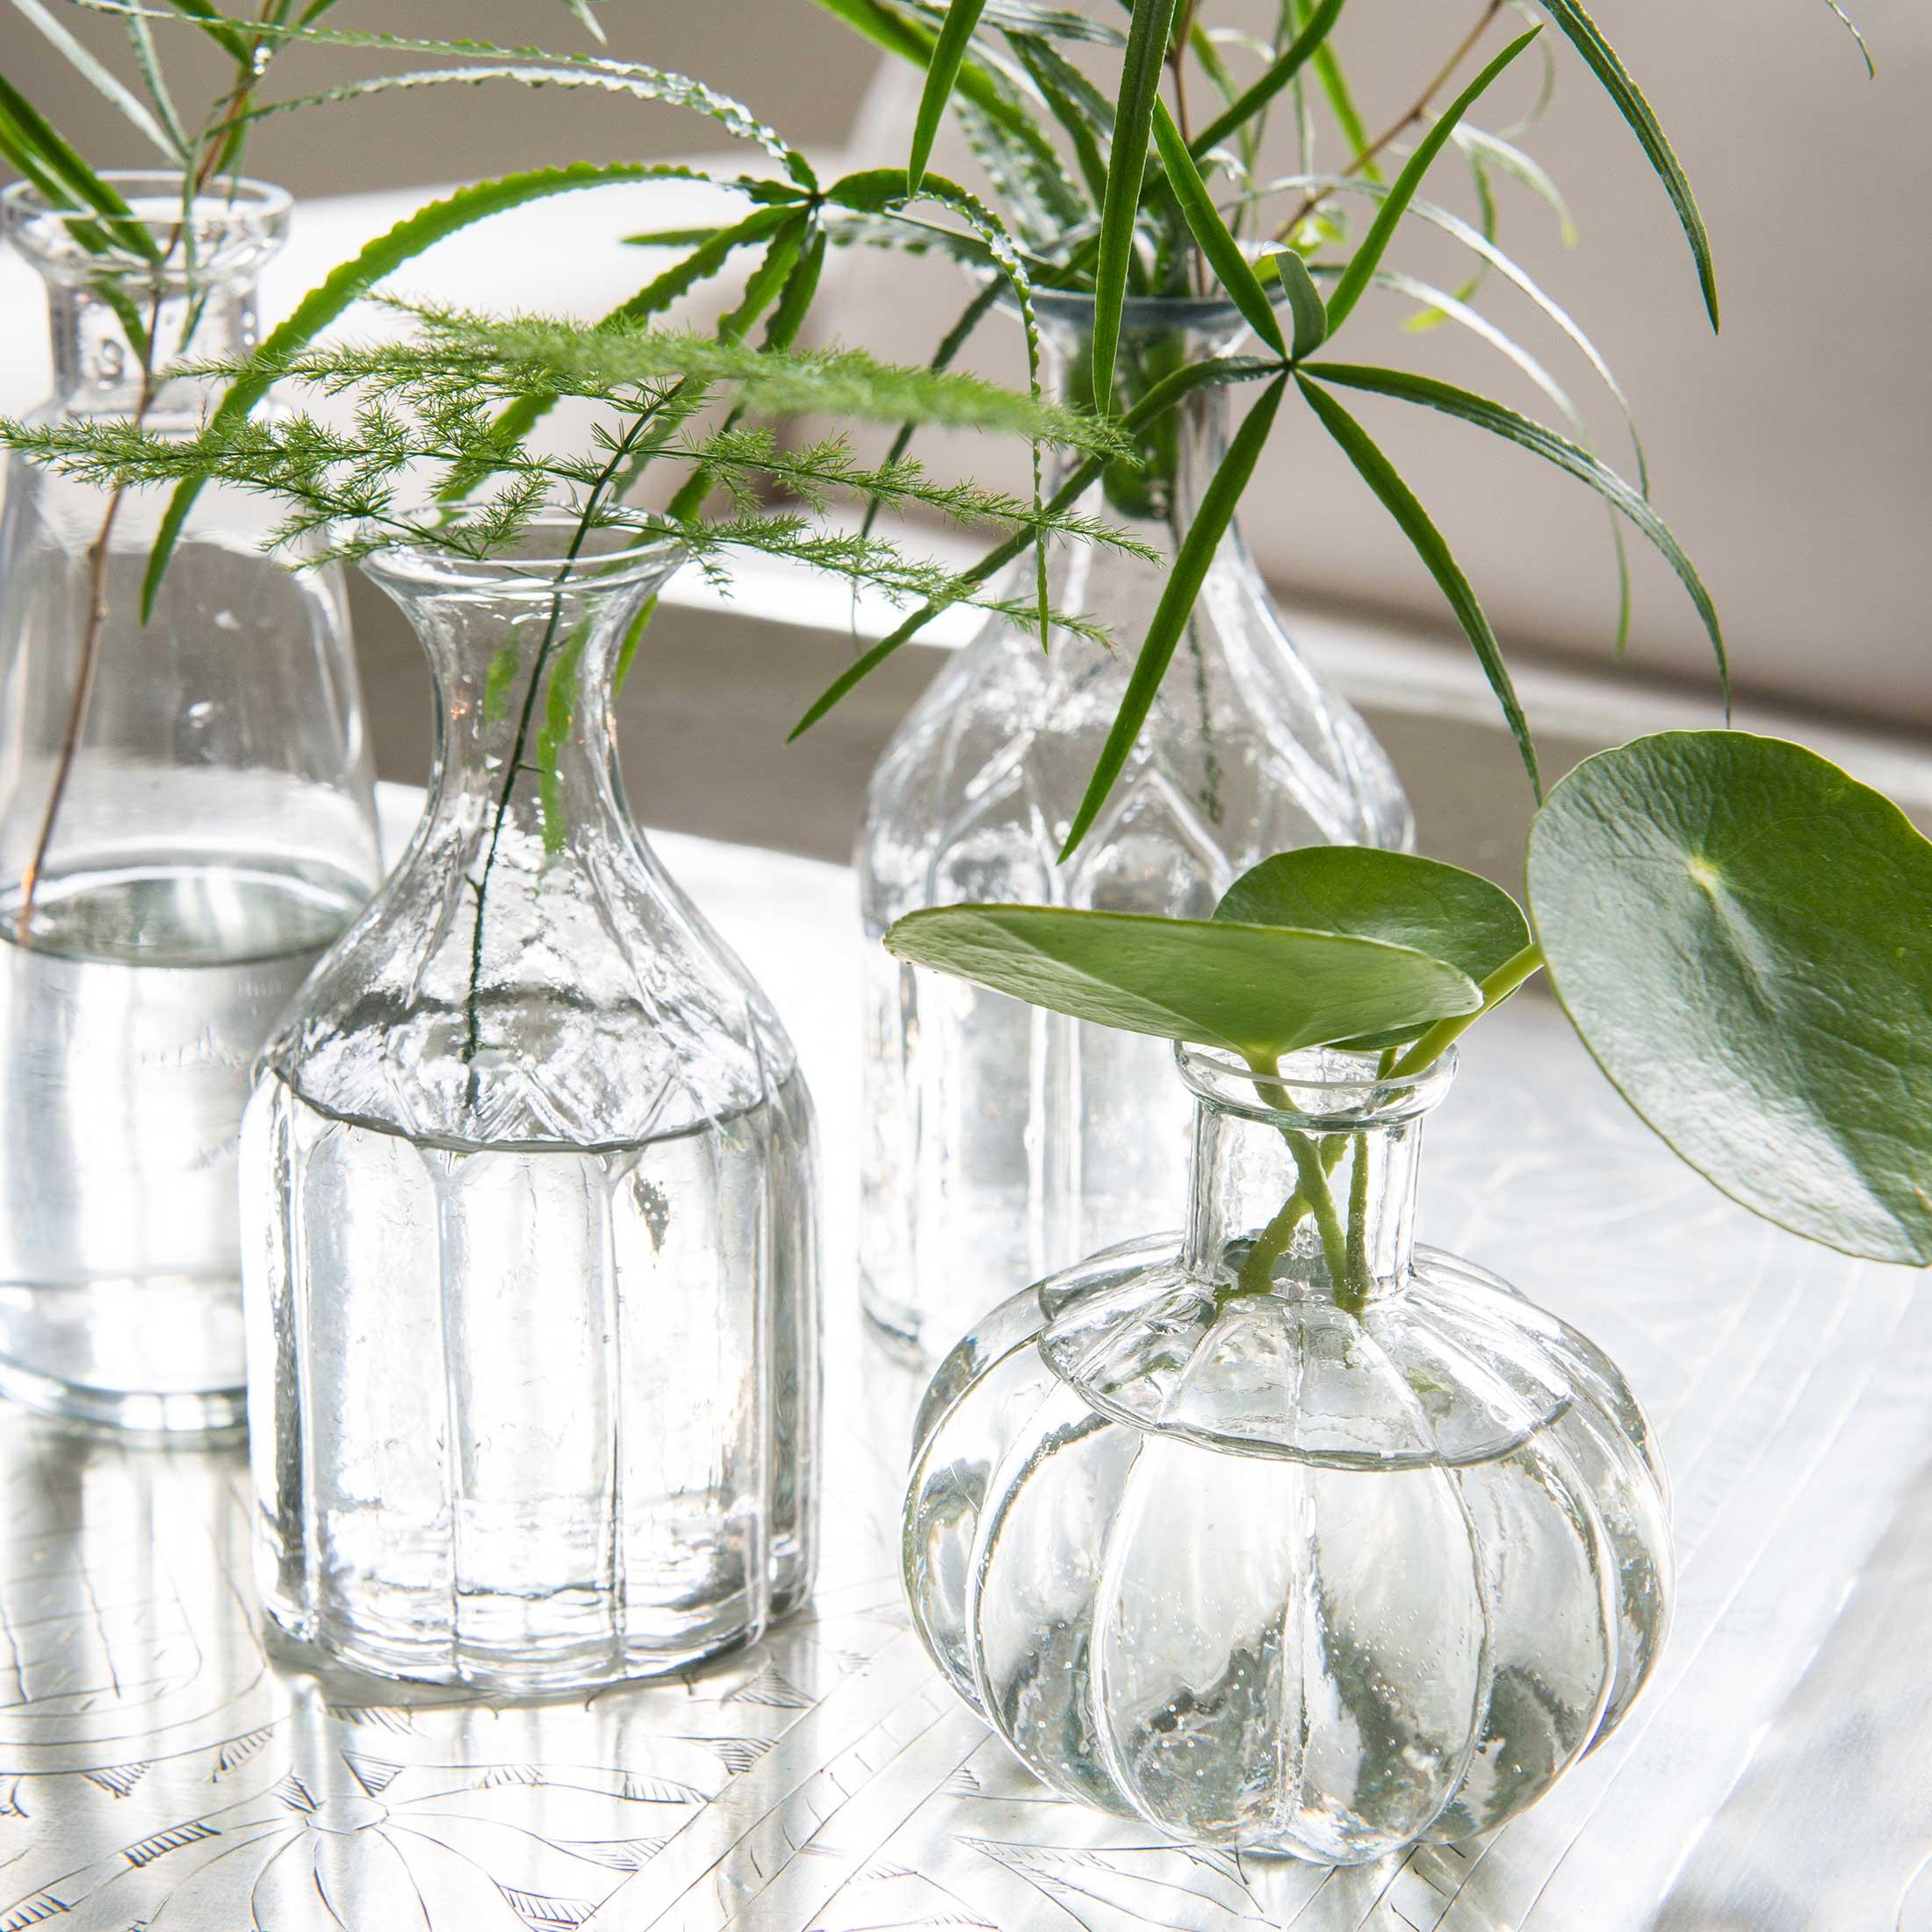 Dekovase für Feld-Blumen mit einem Muster, Kleine Glasvase mit Bogen Muster, hohe Vase aus klarem Glas für ein Dekotablett zum Dekorieren. Blumenschmuck